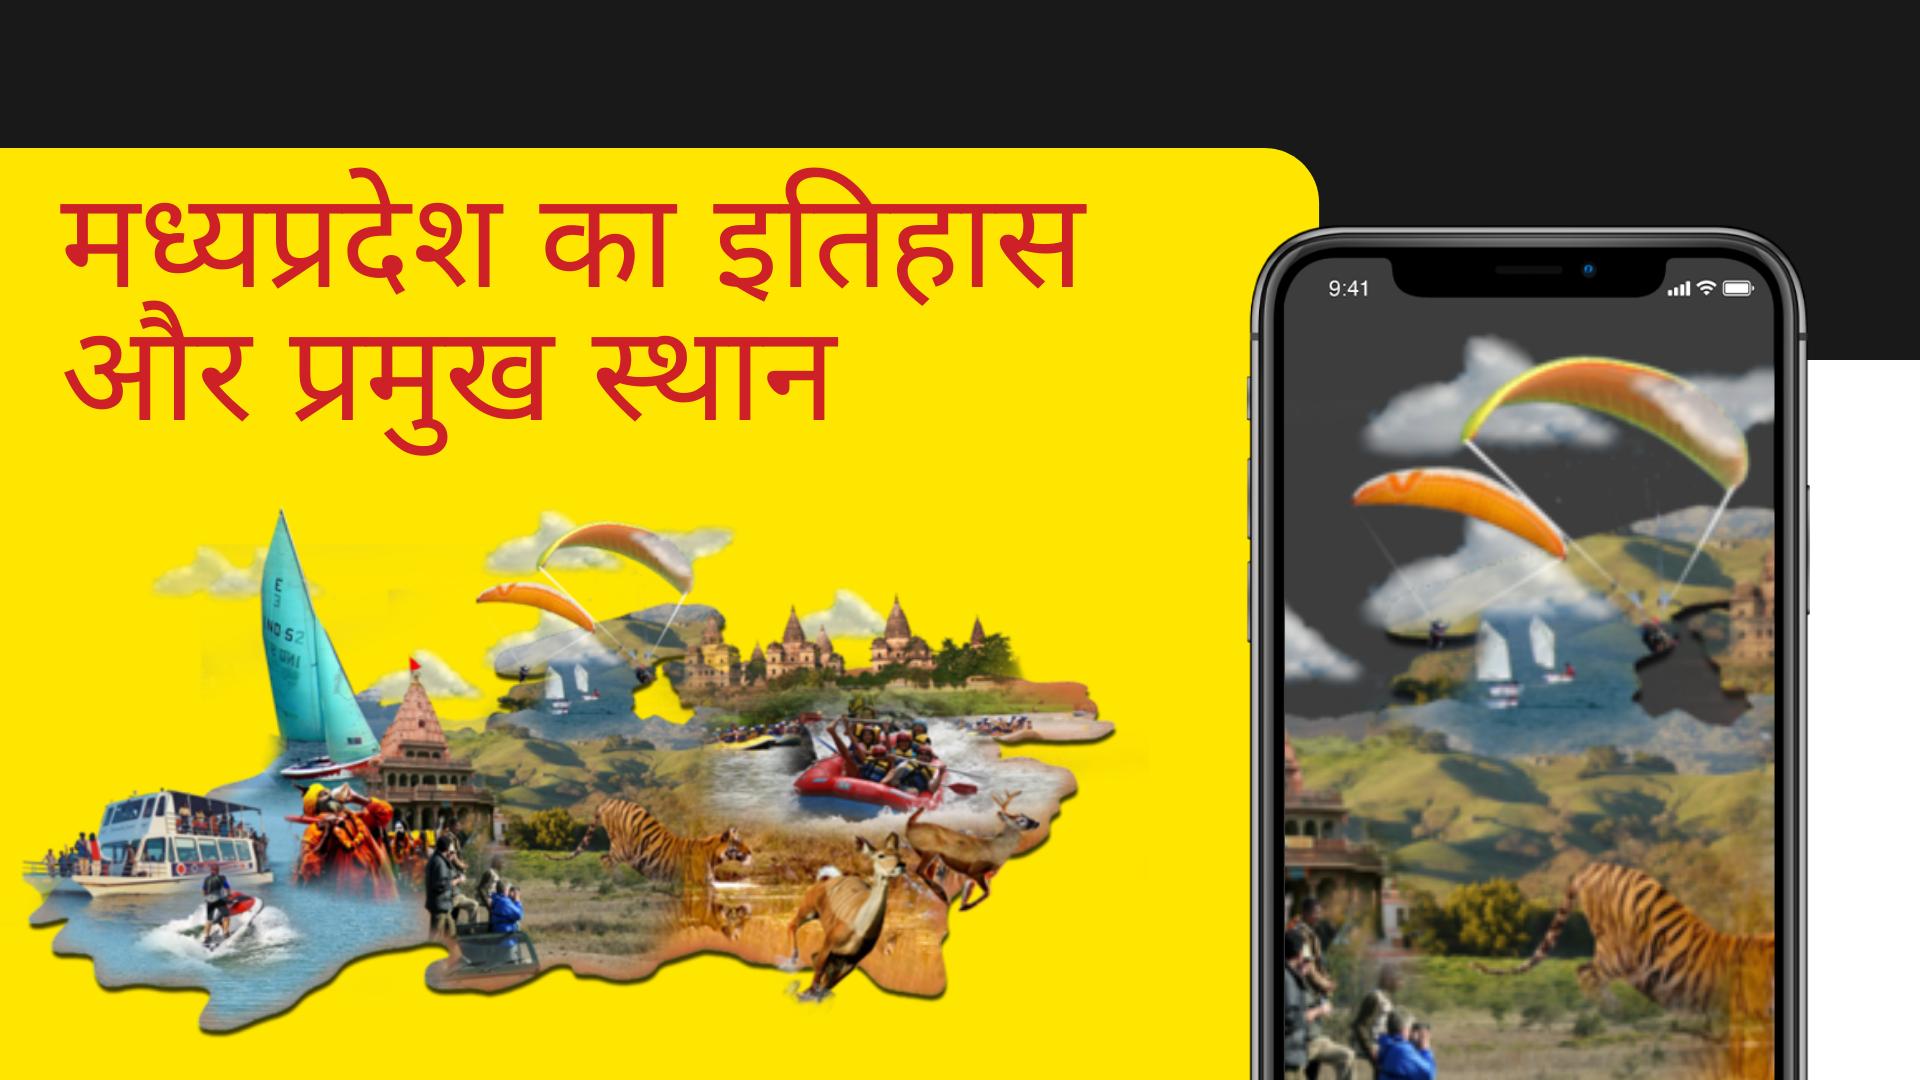 मध्यप्रदेश का इतिहास : संभाग व जिले , पर्यटन स्थल, कृषि और प्रमुख नदियाँ - History Of Madhya Pradesh In Hindi